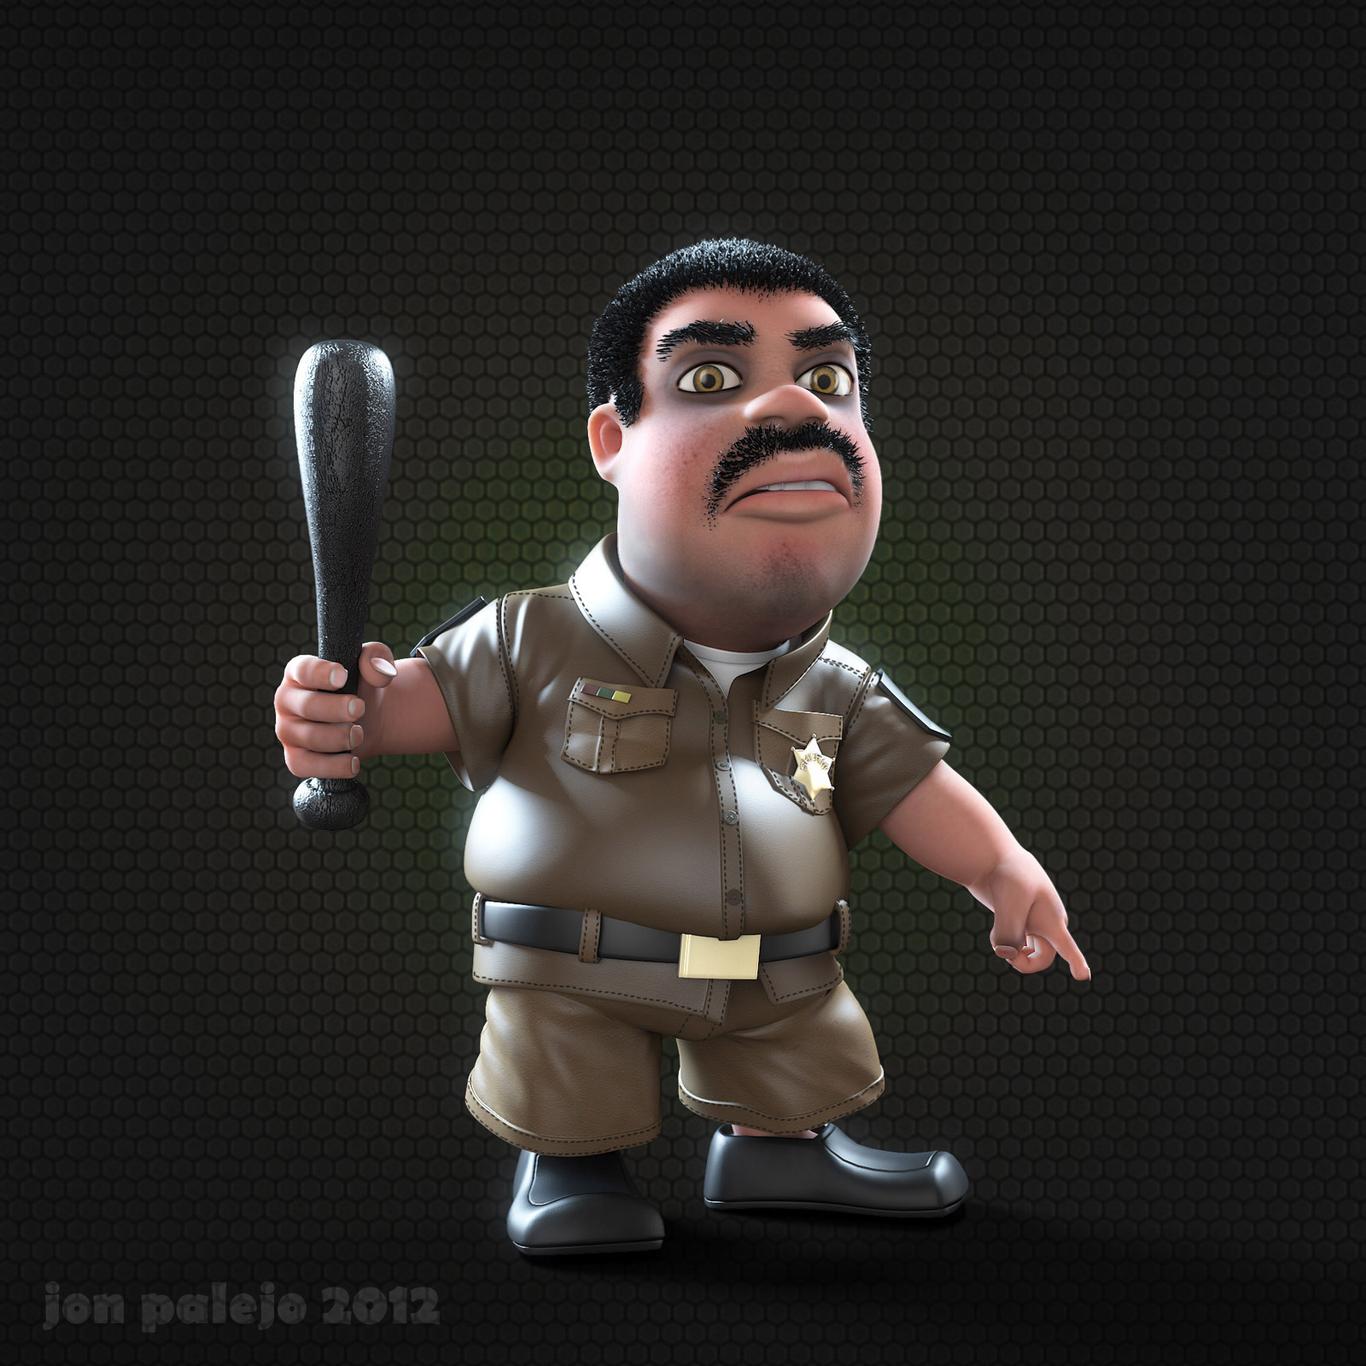 Jonamar sheriff 1 60d7040e mr4h